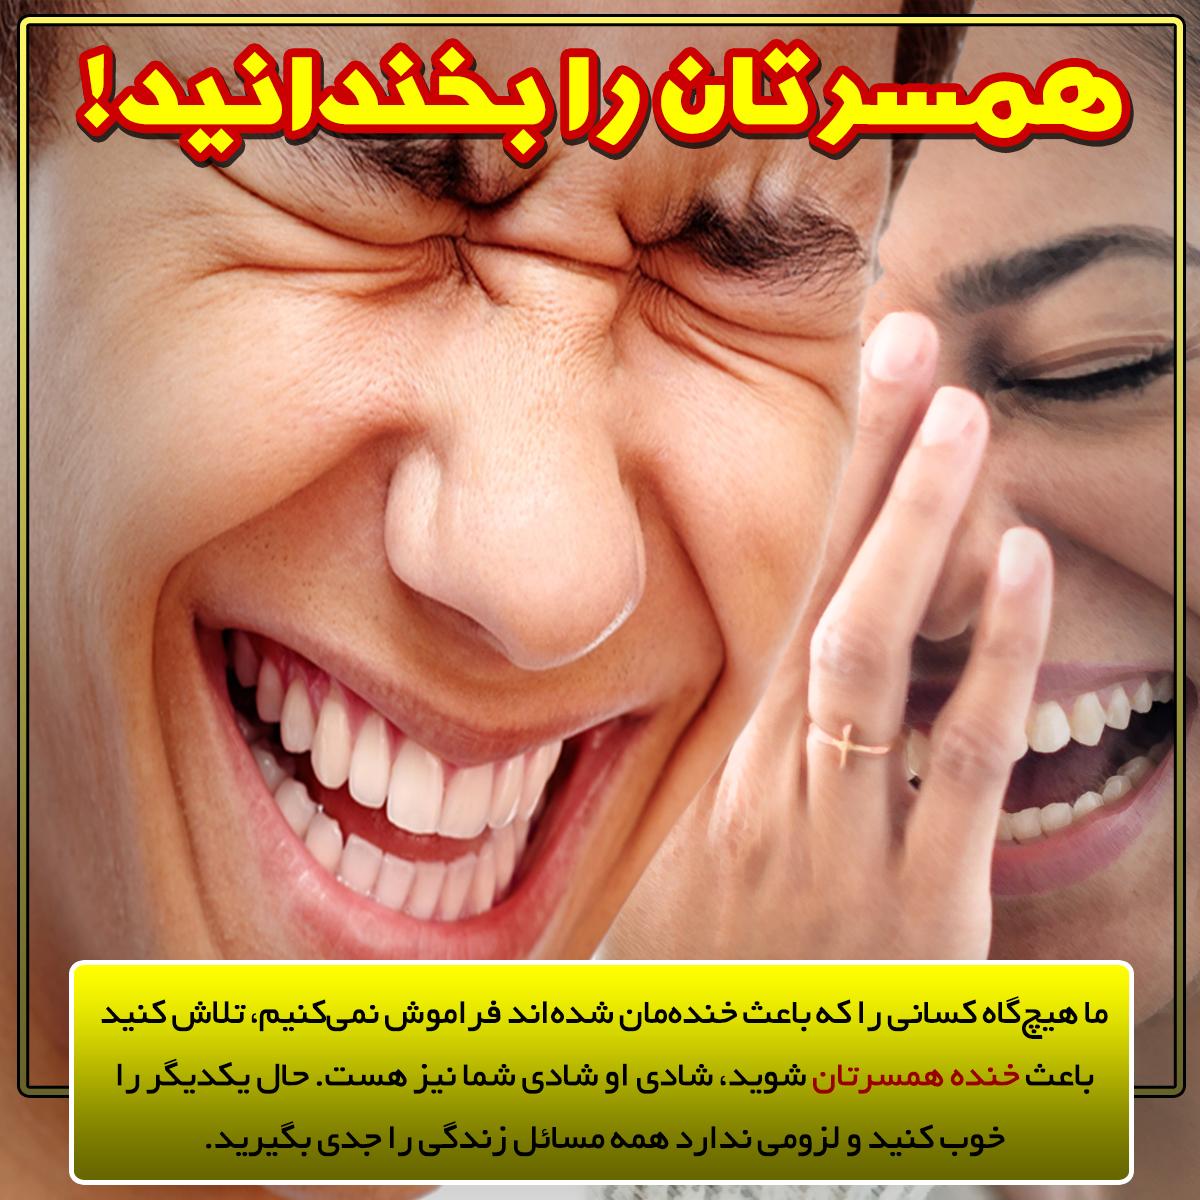 همسرداری,همسر,رضایتمندی همسران,مهارت همسرداری,خنداندن همسر